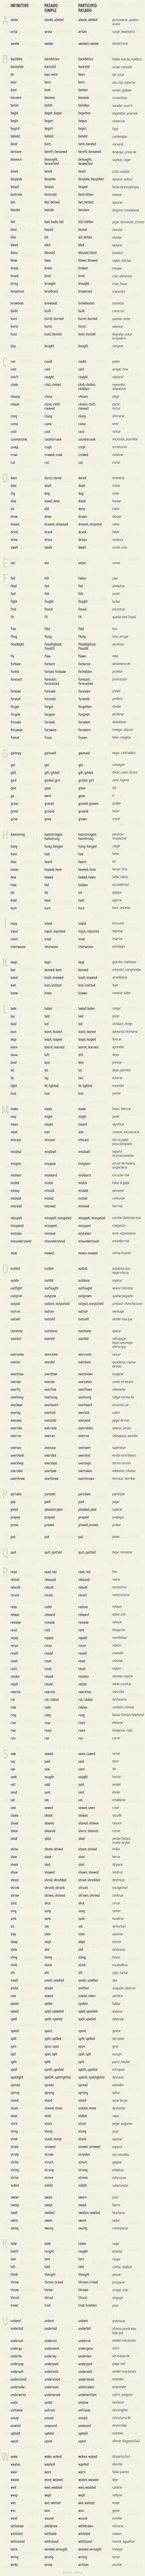 Similares Los 9 errores más comunes a la hora de hablar inglés 55 Verbos en inglés poco conocidos pero útiles 155 Frases necesarias para una conve...